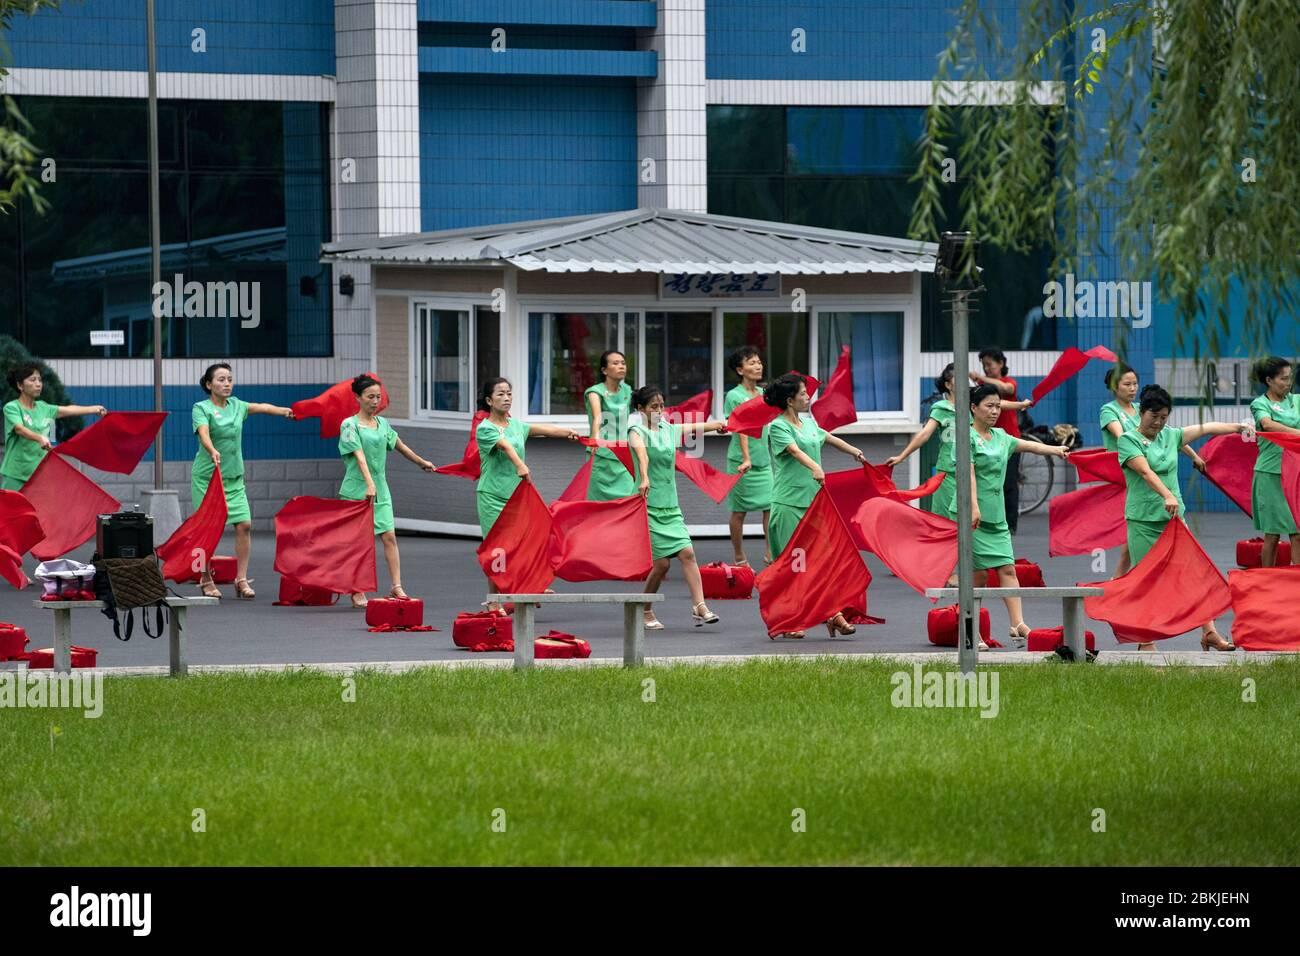 Corea del Norte, Pyongyang, mujeres sin empleo que animan a la gente que trabaja Foto de stock